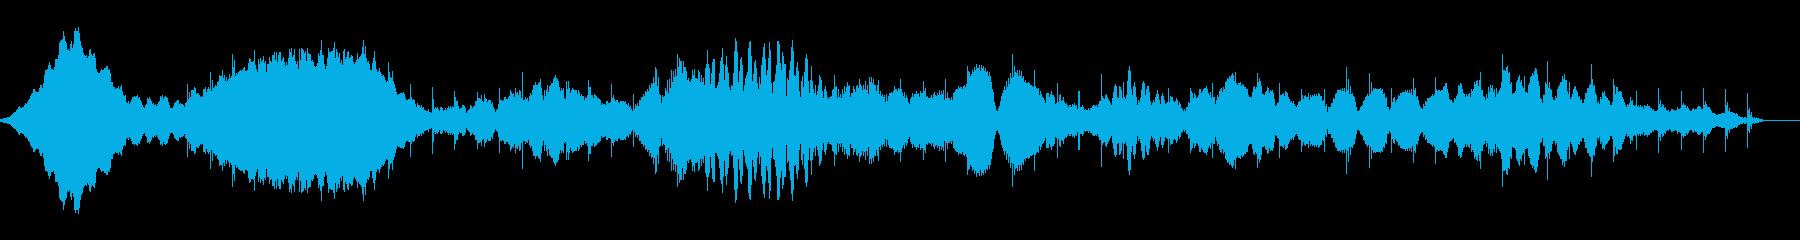 桃源郷のミニマルアンビエントの再生済みの波形